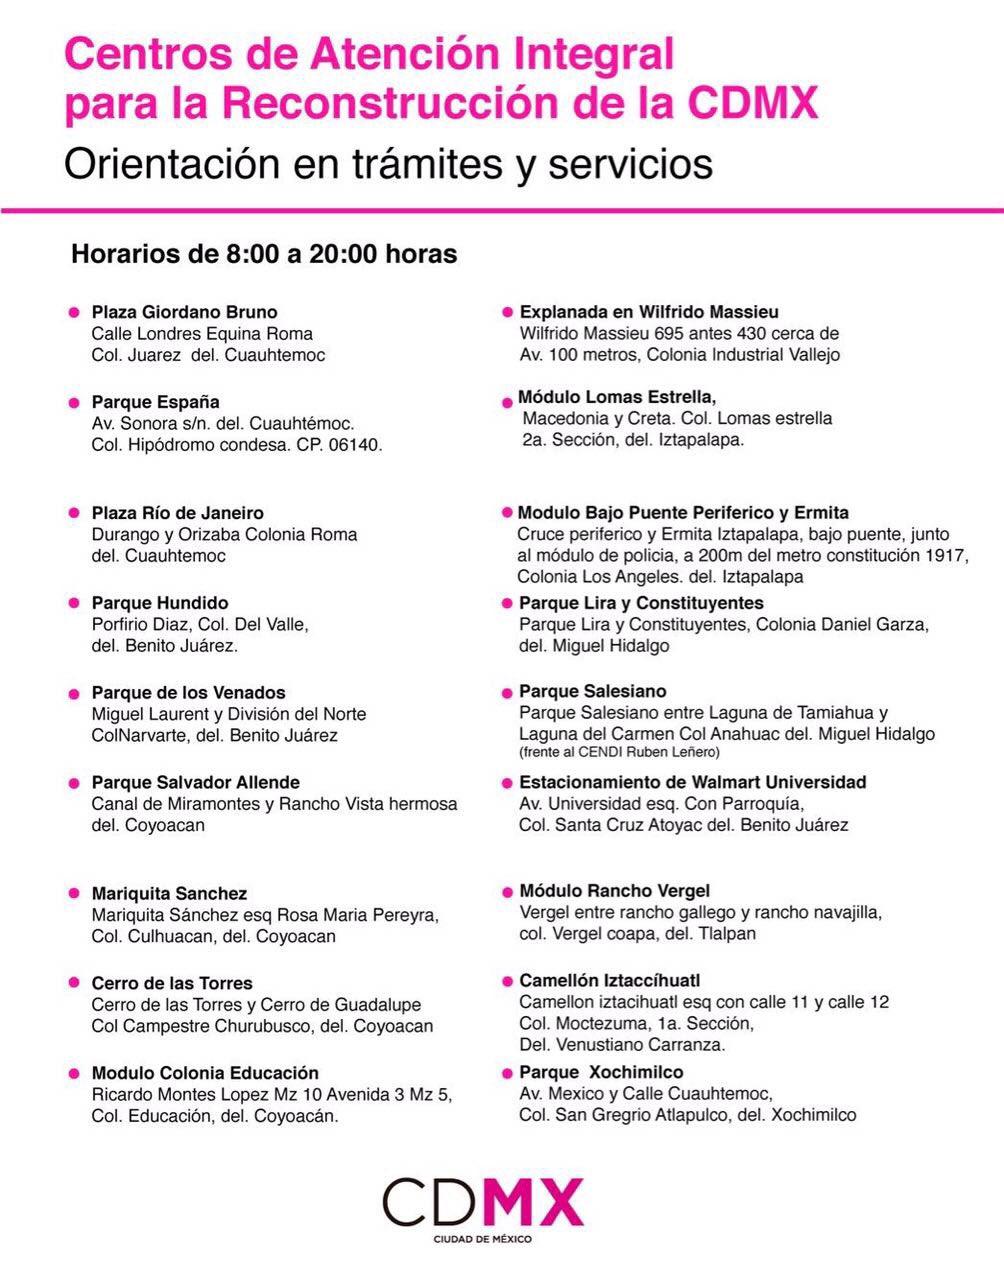 Secretaría De Inclusión Y Bienestar Social в Twitter